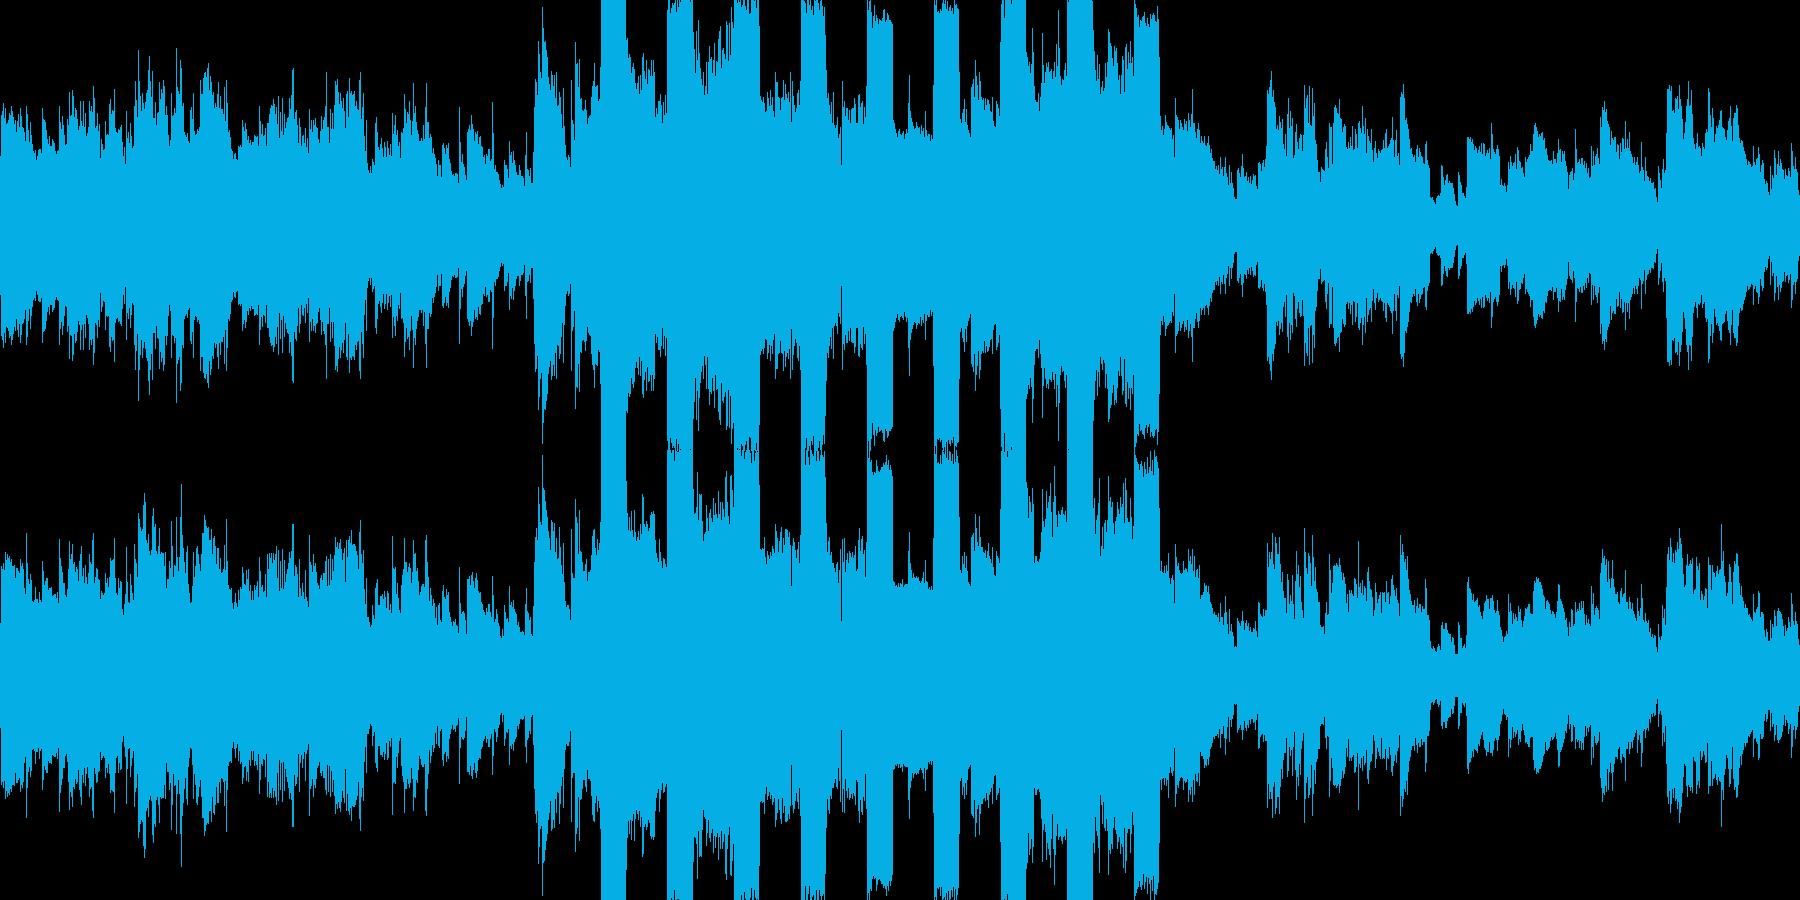 カオスなストリングス、アブノーマルな曲の再生済みの波形